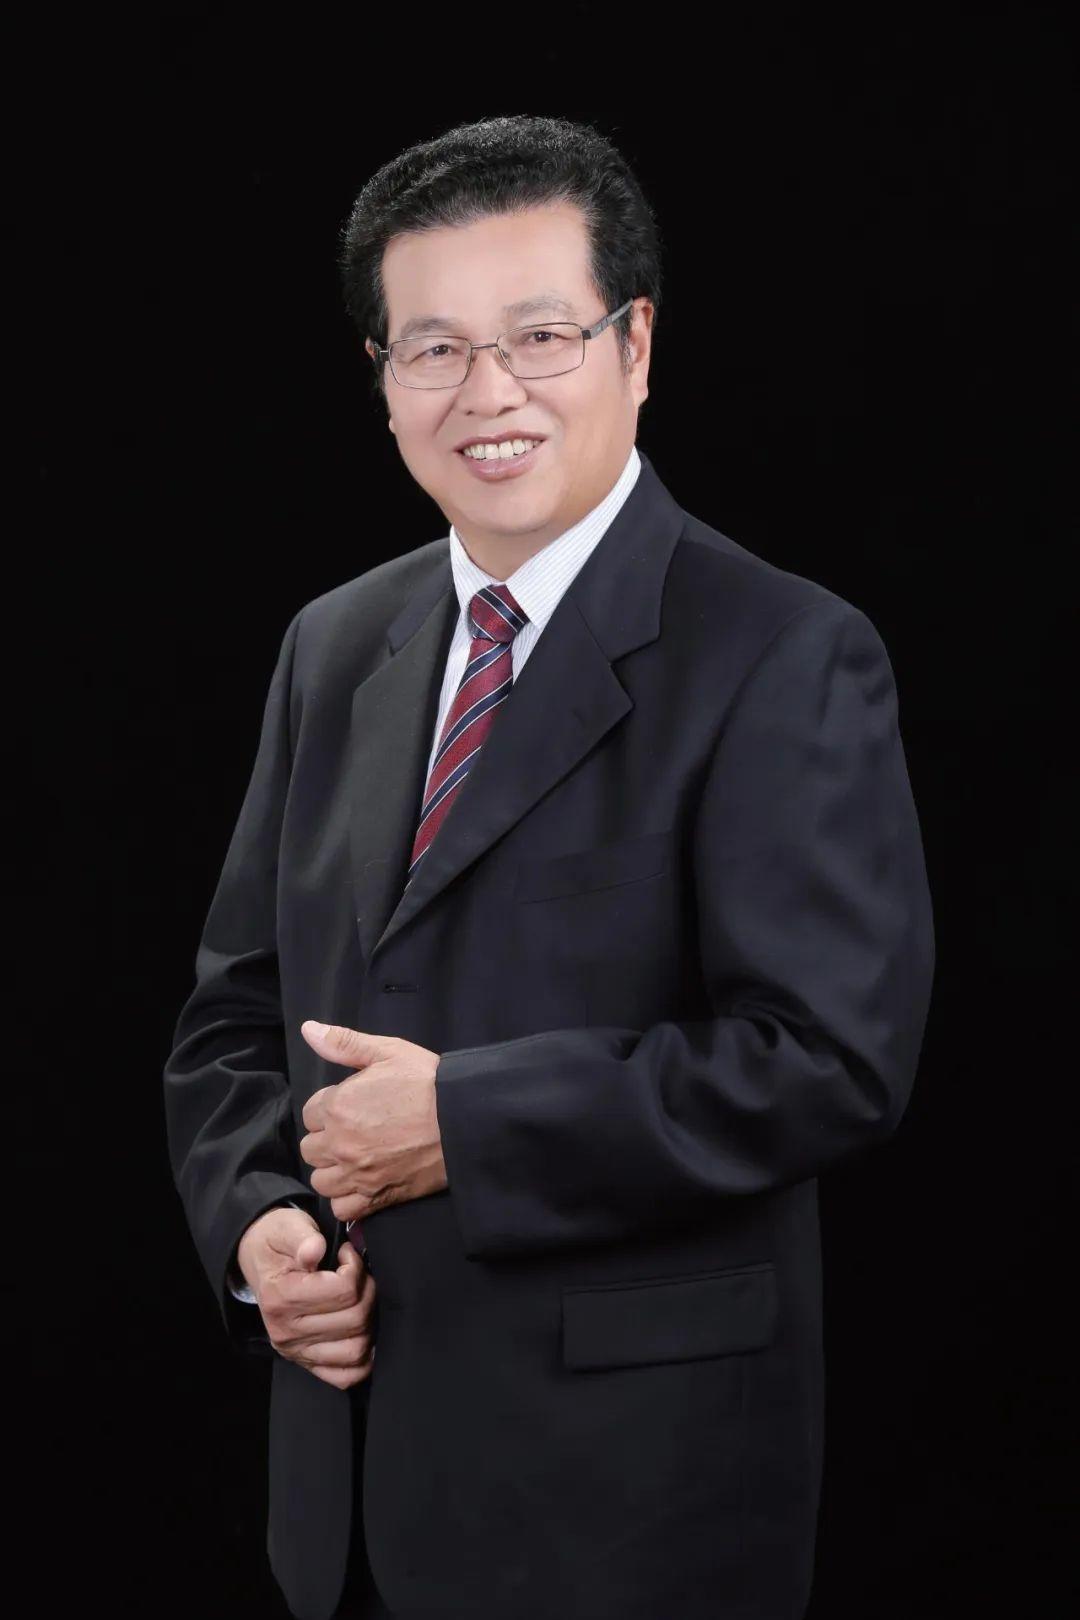 沈建忠:物业管理行业需要提升价值共识